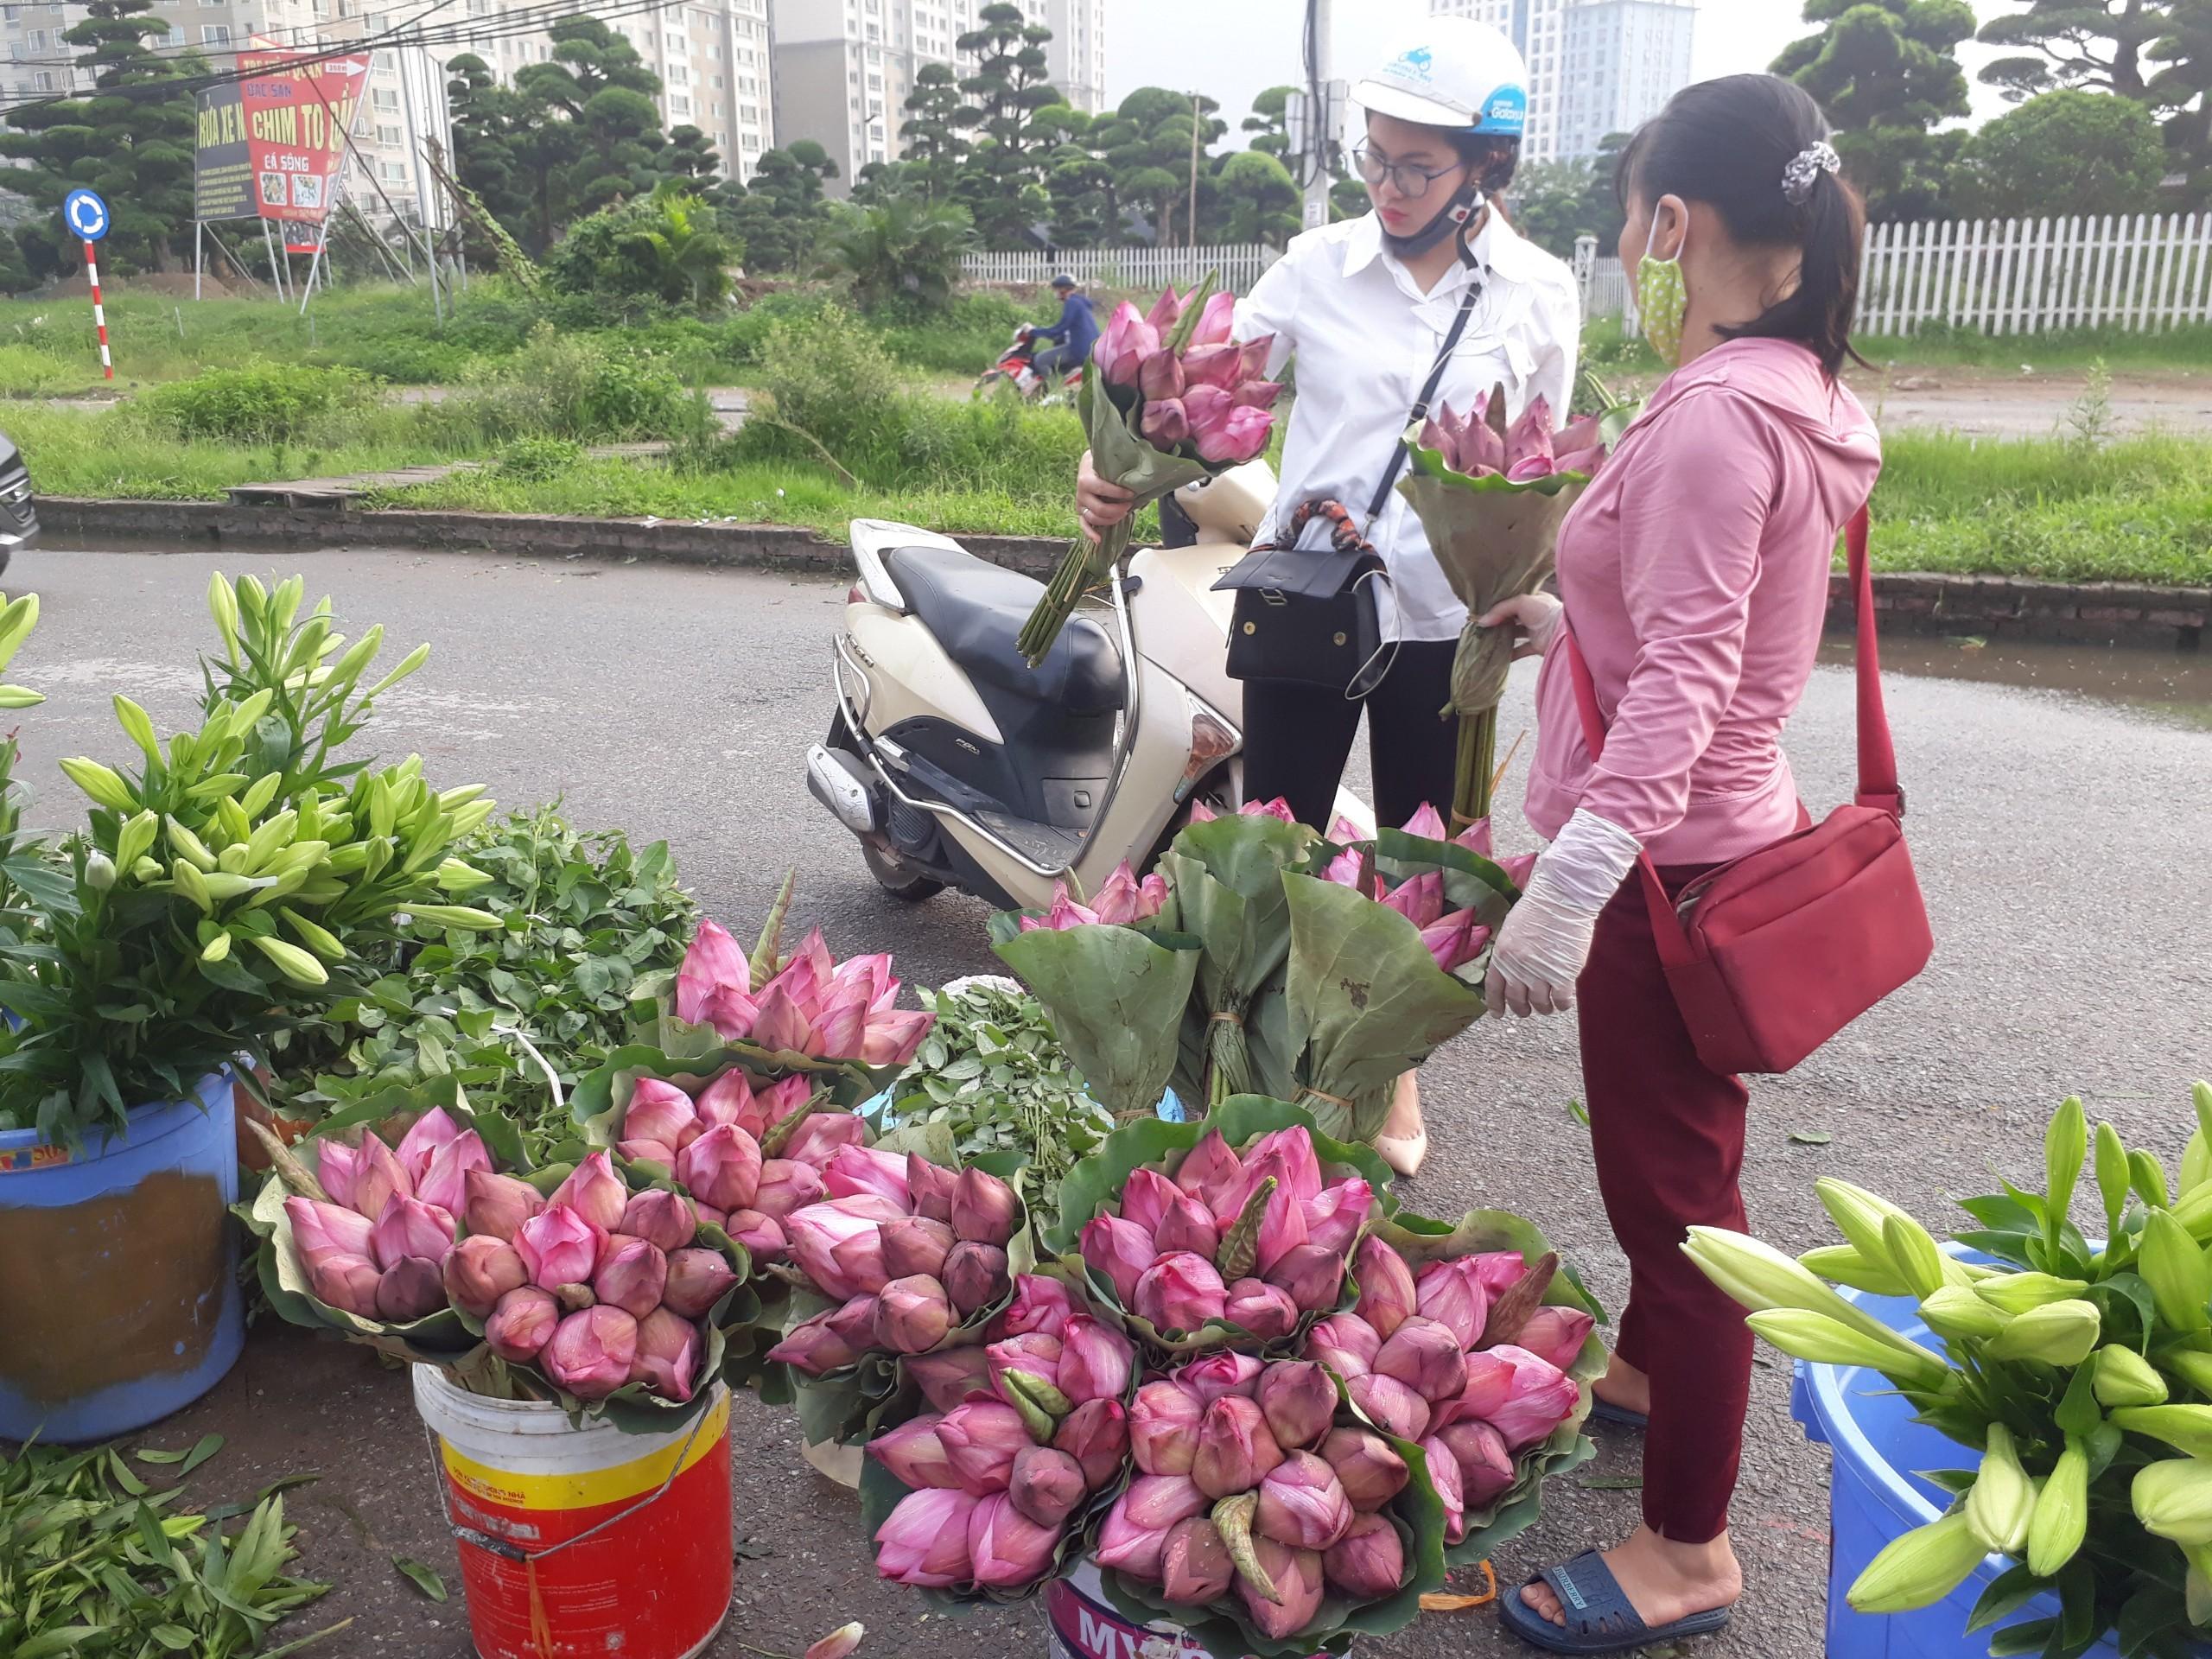 Mùa sen về, nếu còn nhầm lẫn tai hại giữa hoa sen & hoa quỳ khi mua, chị em hãy thuộc lòng 7 bí quyết sau! - Ảnh 3.